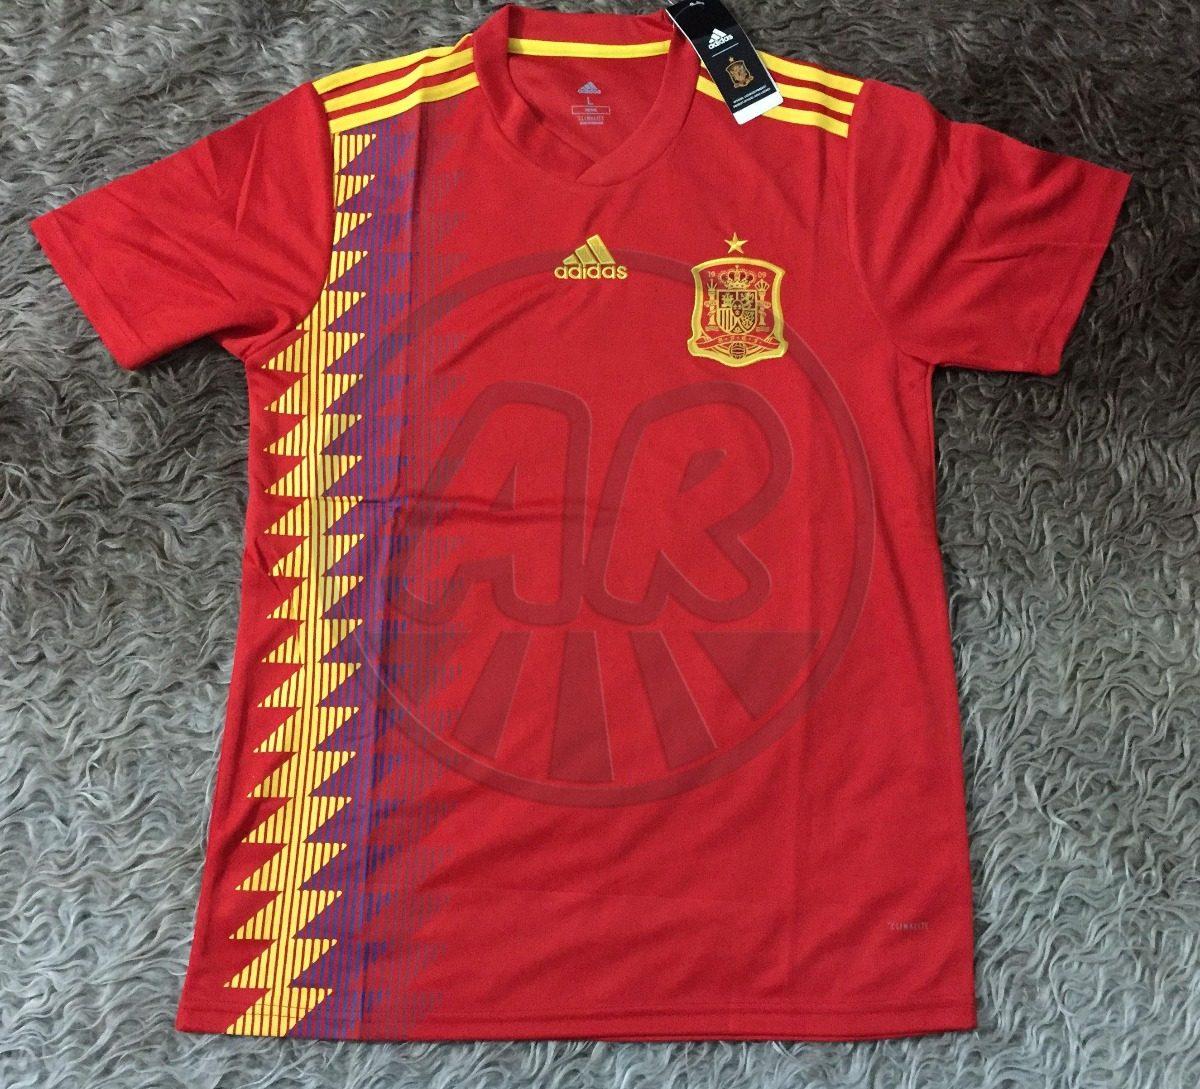 58c91d23292c7 Camiseta seleccion de españa titular mundial rusia cargando zoom jpg  1200x1089 Mercado libre camiseta espana rusia